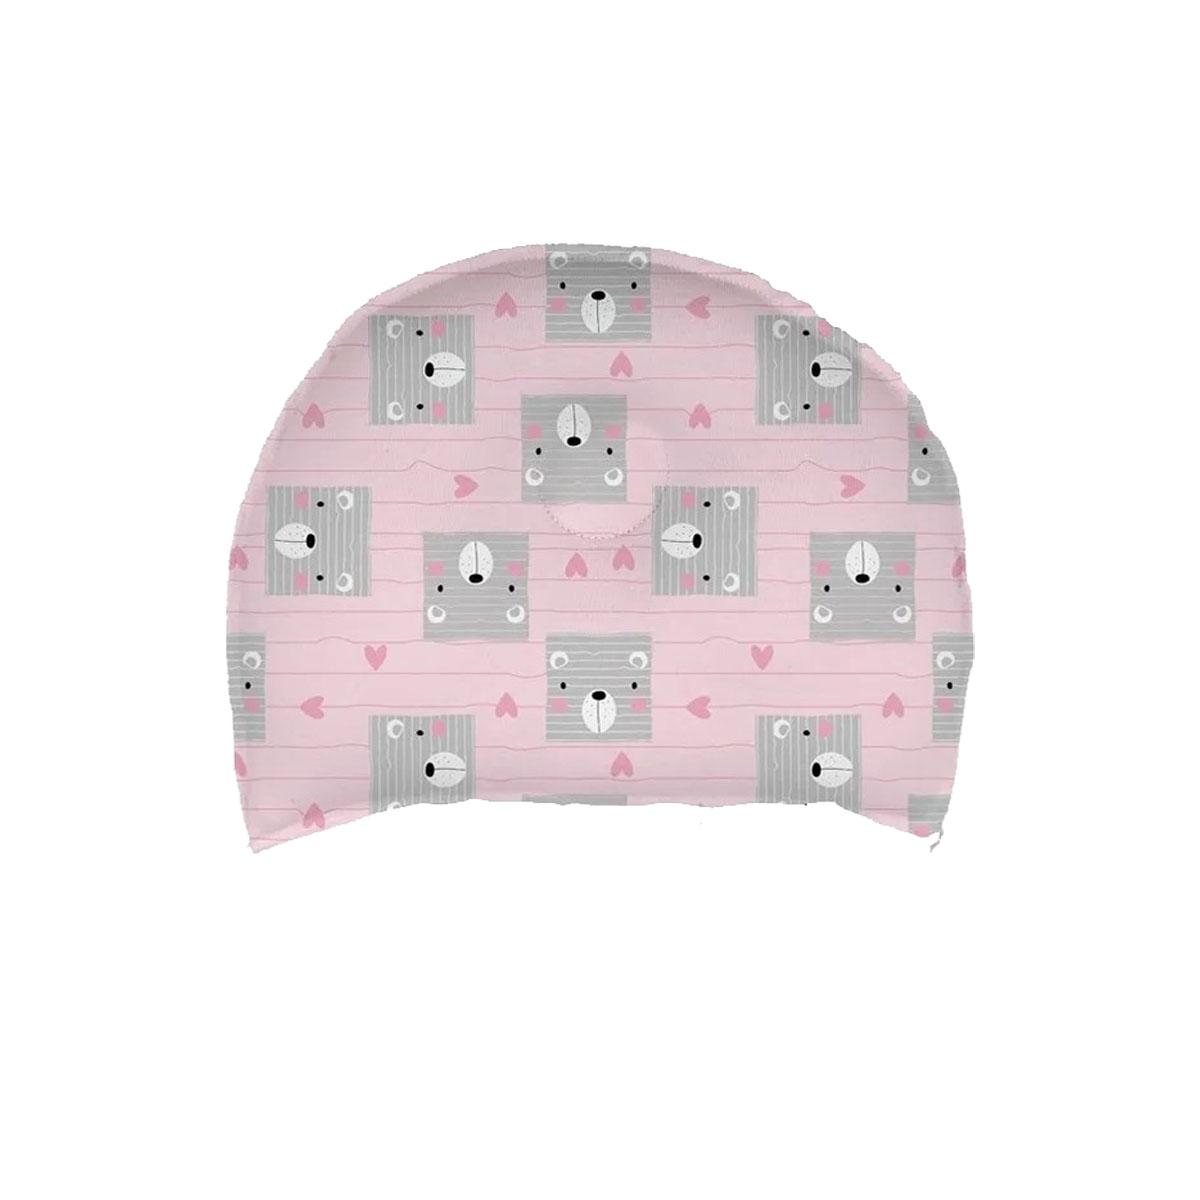 Travesseiro Anatômico de Bebê Urso